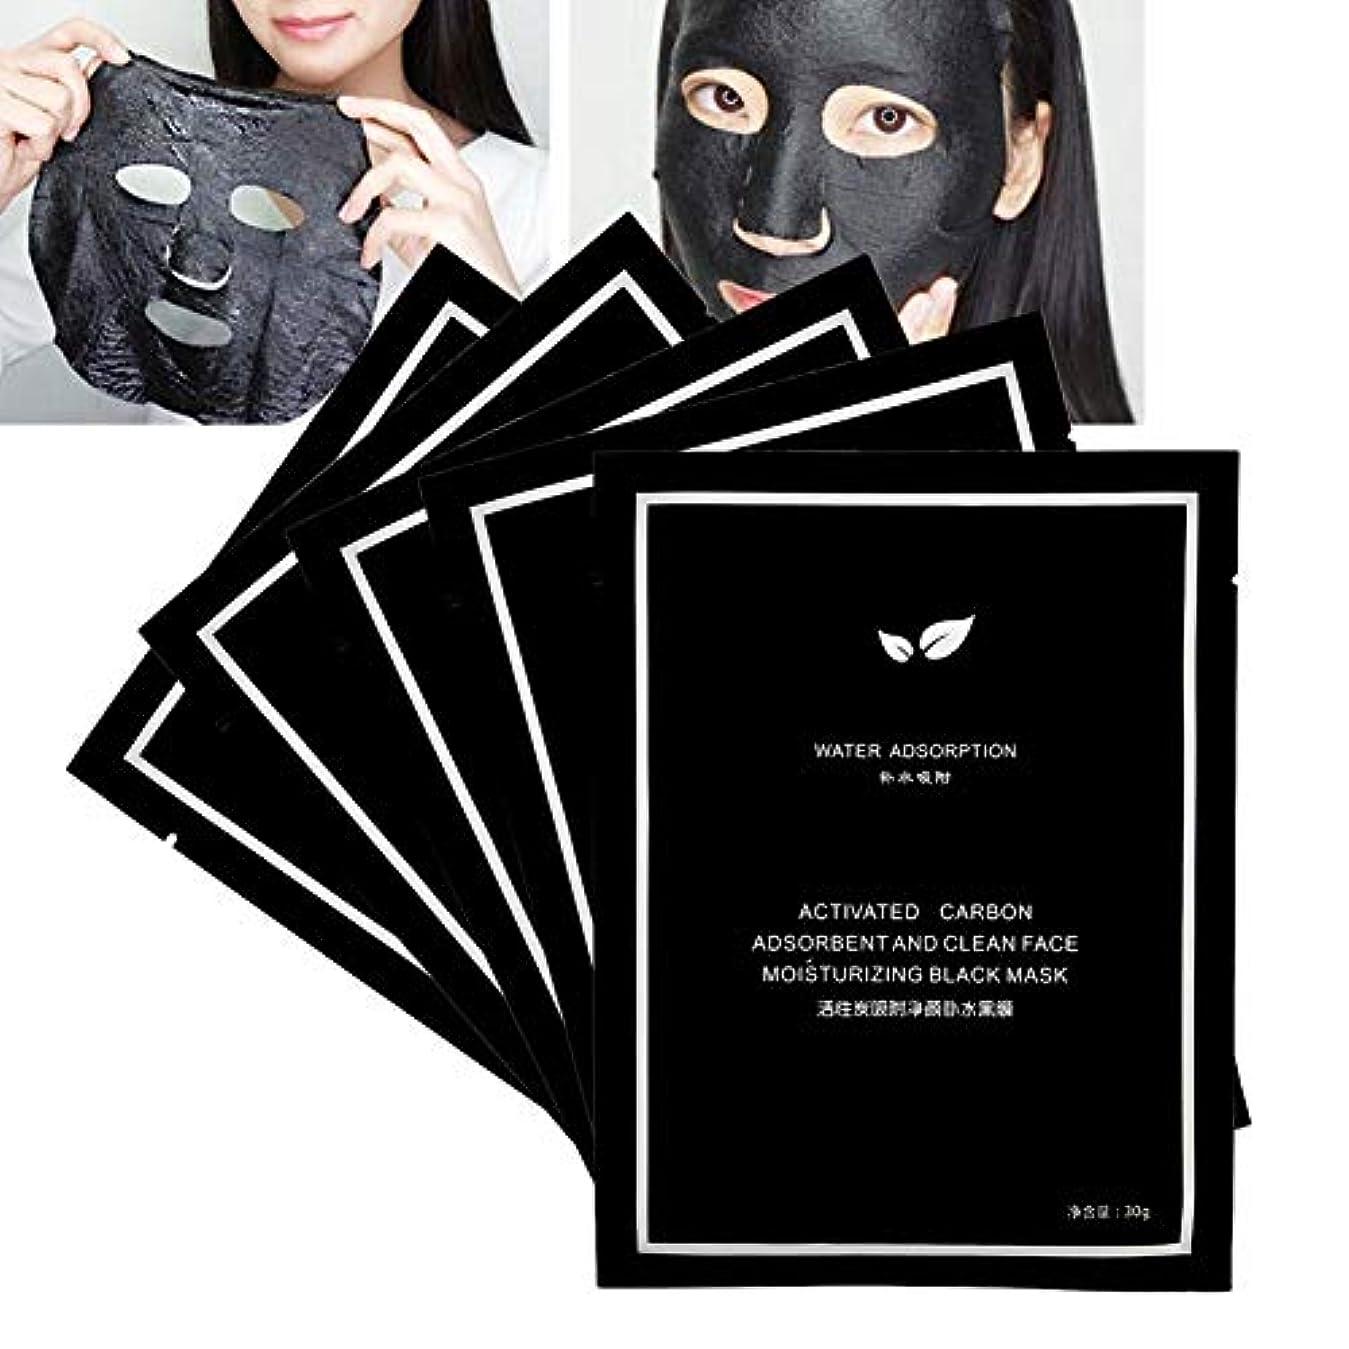 寂しいプラスディンカルビル5枚セット 活性炭マスク 保湿 フェイスブラックマスク オイルコントロールブラックヘッドの除去汚れ除去スキンケア